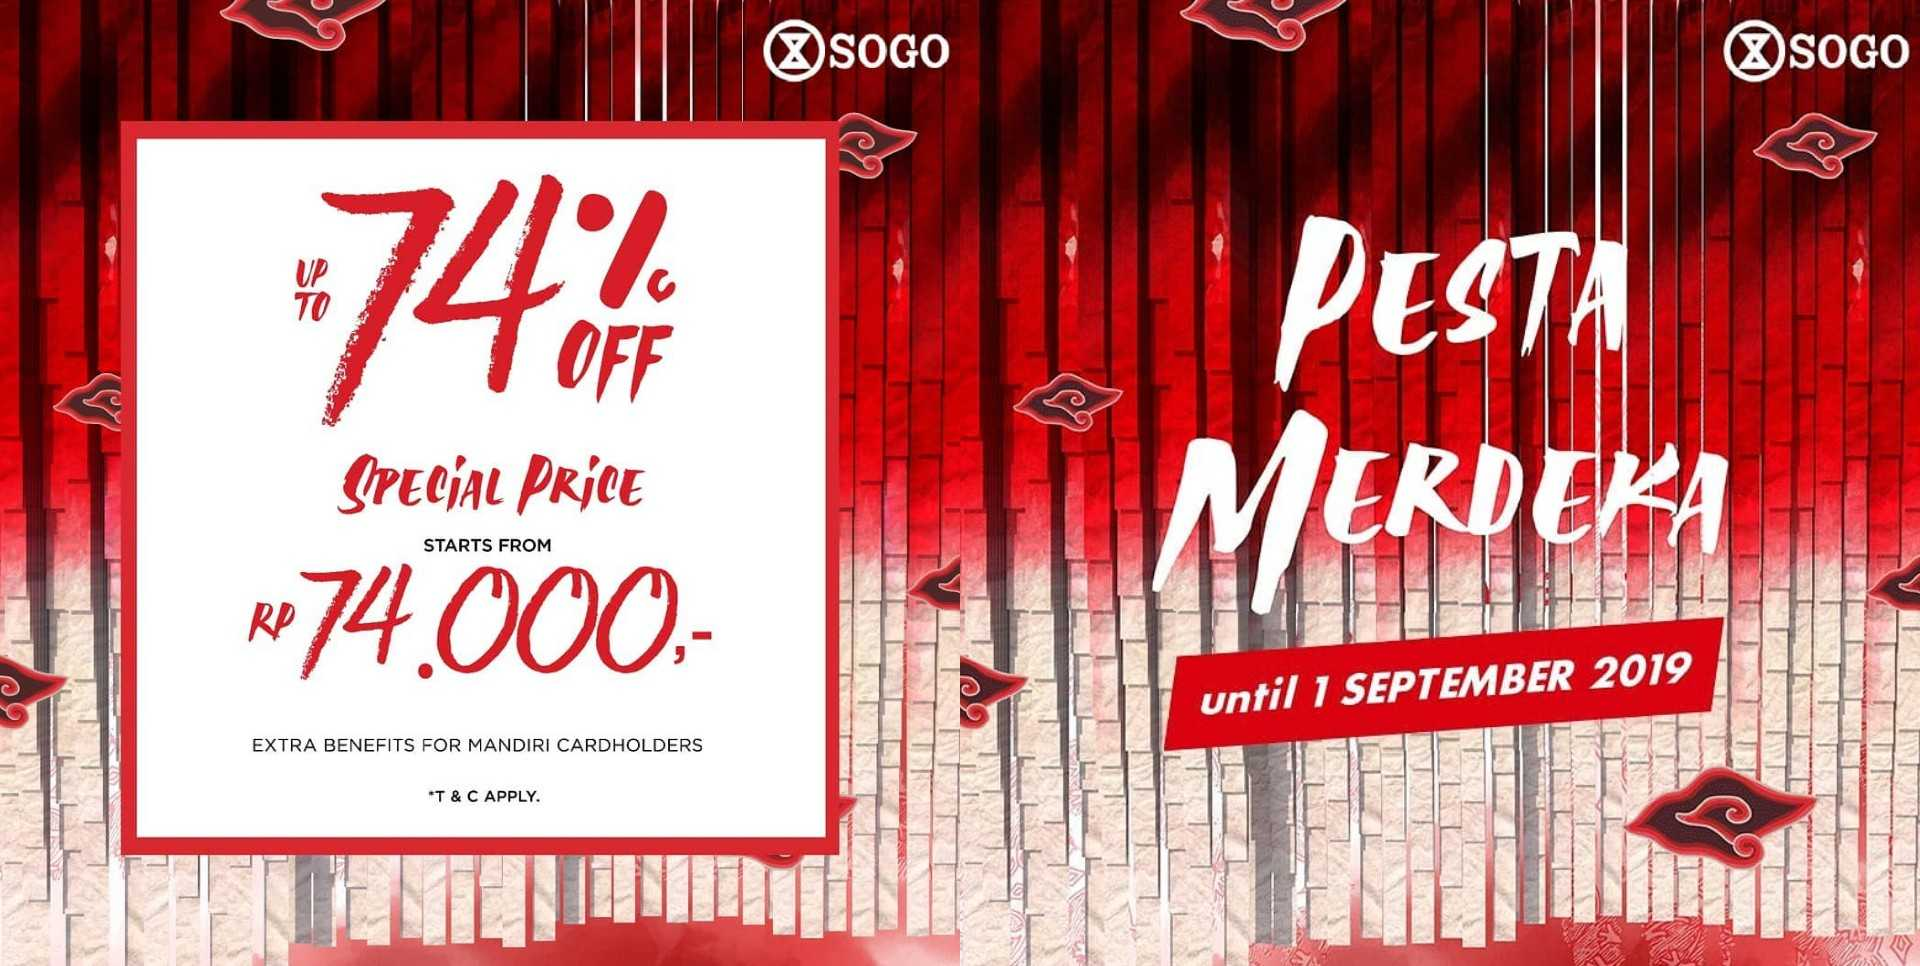 Diskon SOGO Promo PESTA MERDEKA, Discount Up to 70%